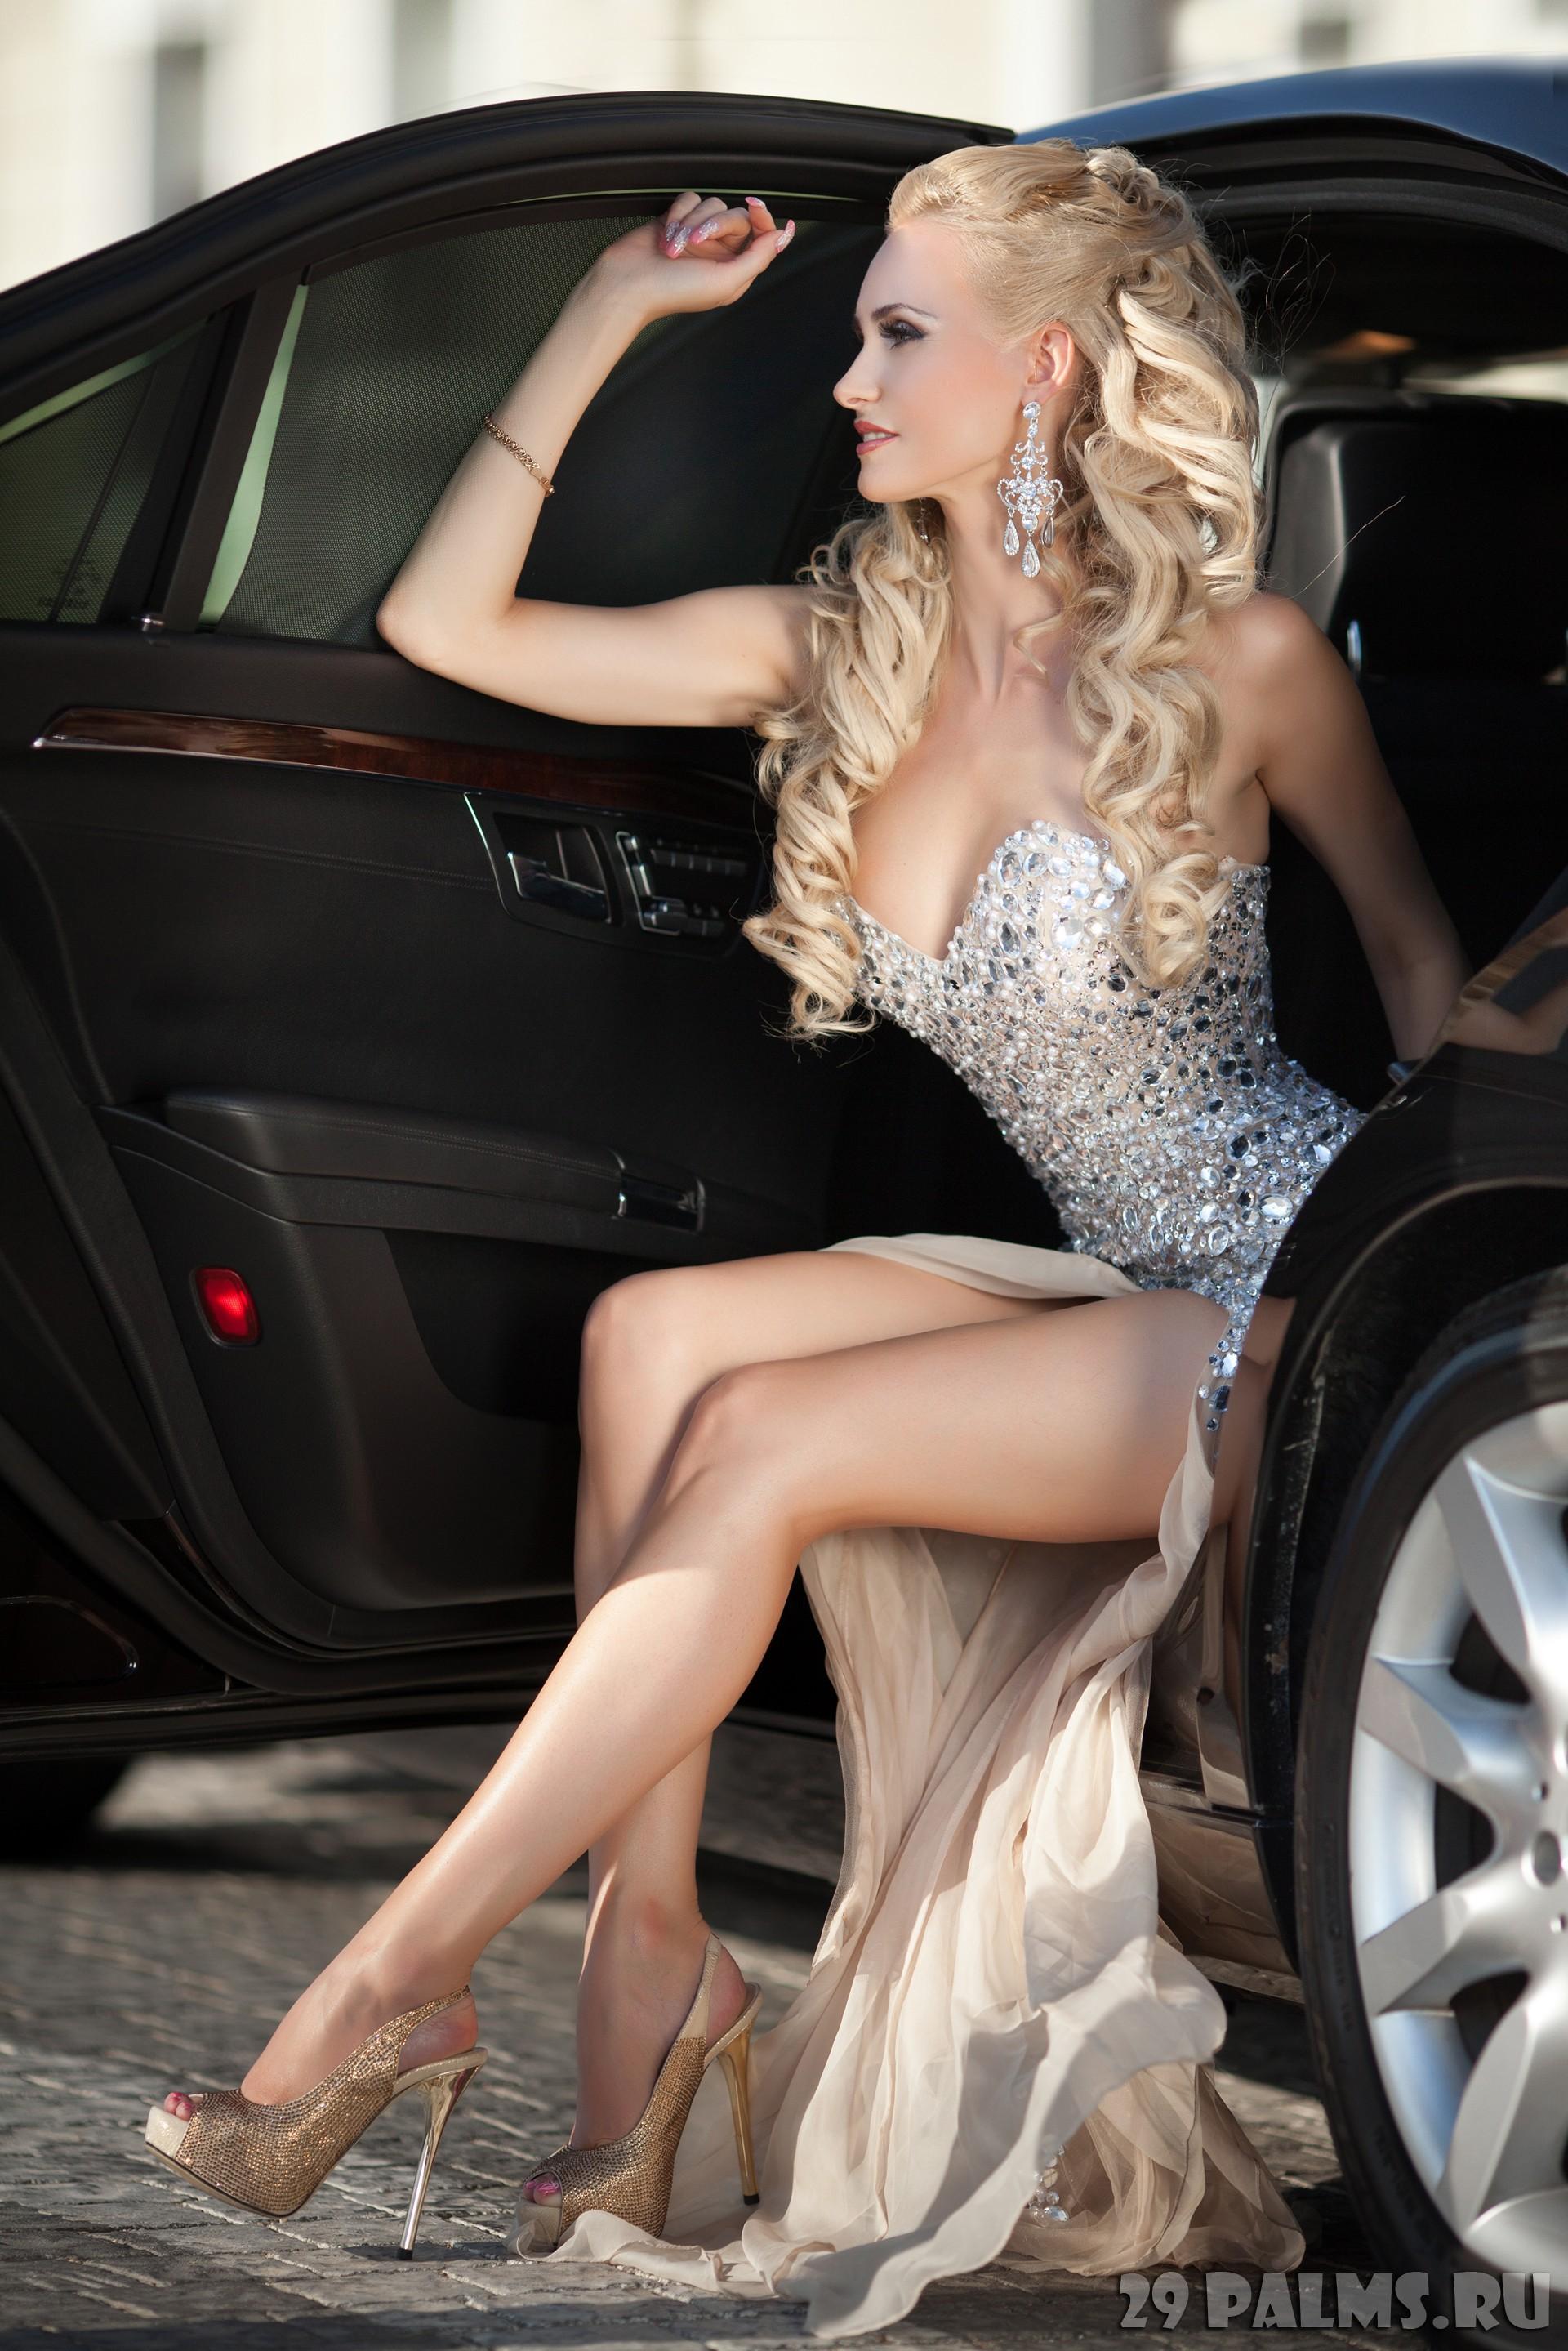 Шикарная блондинка с длинными ногами 7 фотография